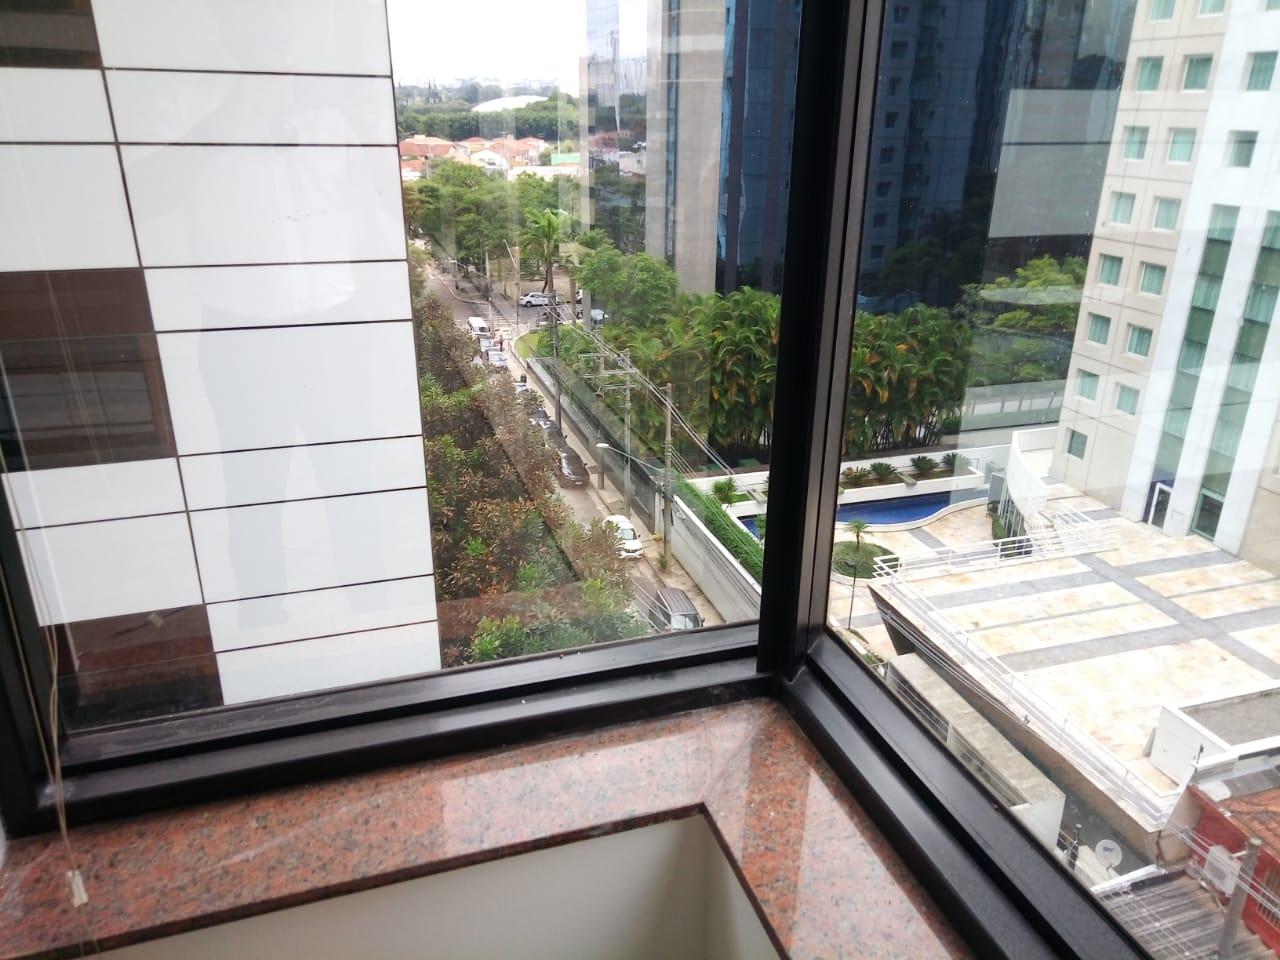 SÃO PAULO - SP - Sala Comercial 48,67m2, 02 Vagas na Garagem, Berrini